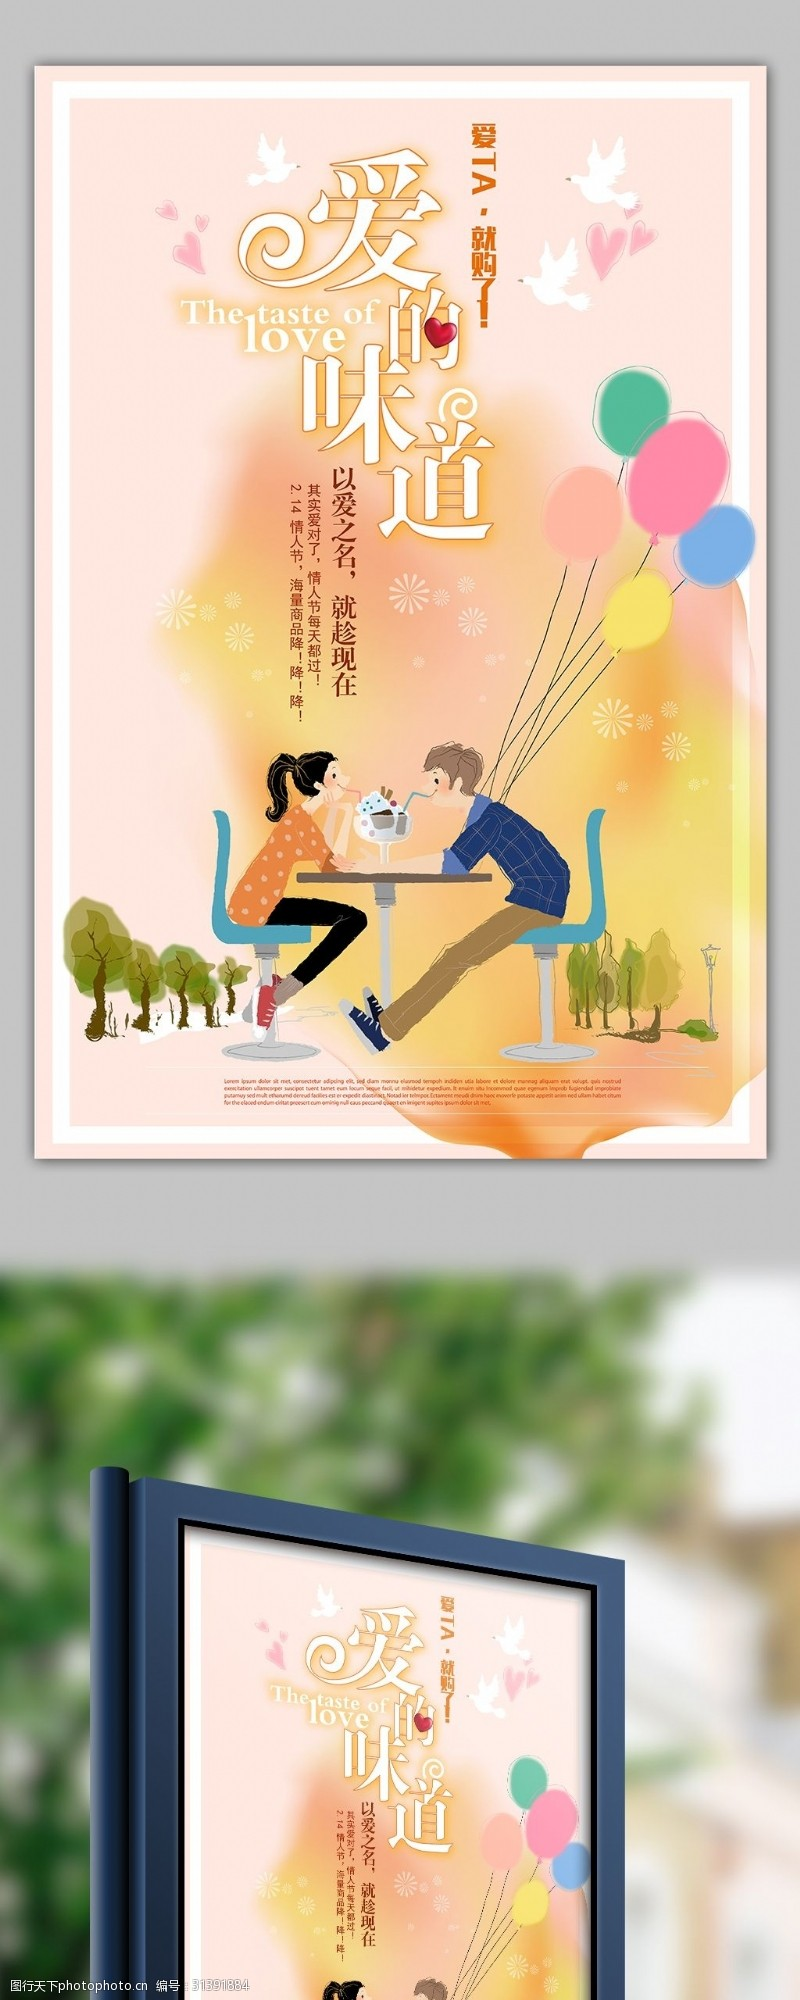 情侣模板浪漫卡通情侣情人节海报矢量模板